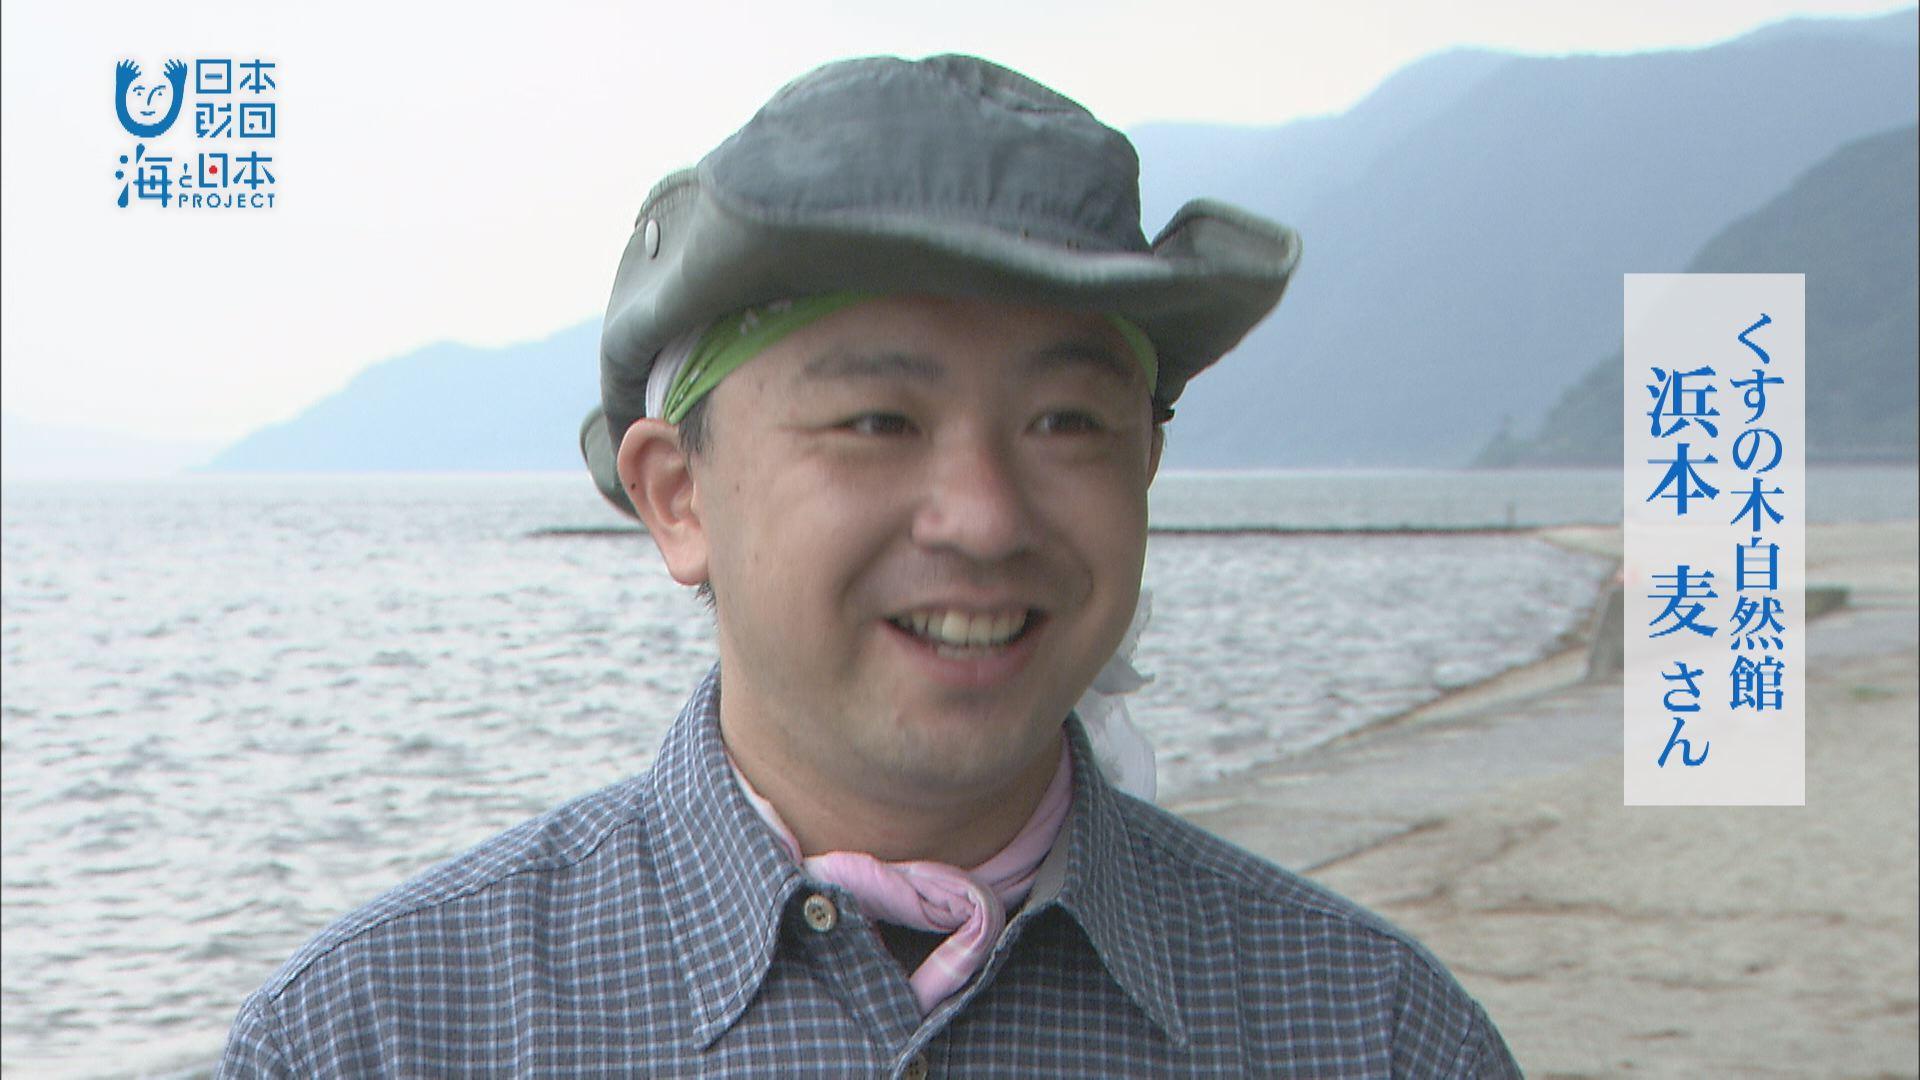 #5 くすのき自然館 浜本麦さんインタビュー| 海と日本PROJECT in 鹿児島